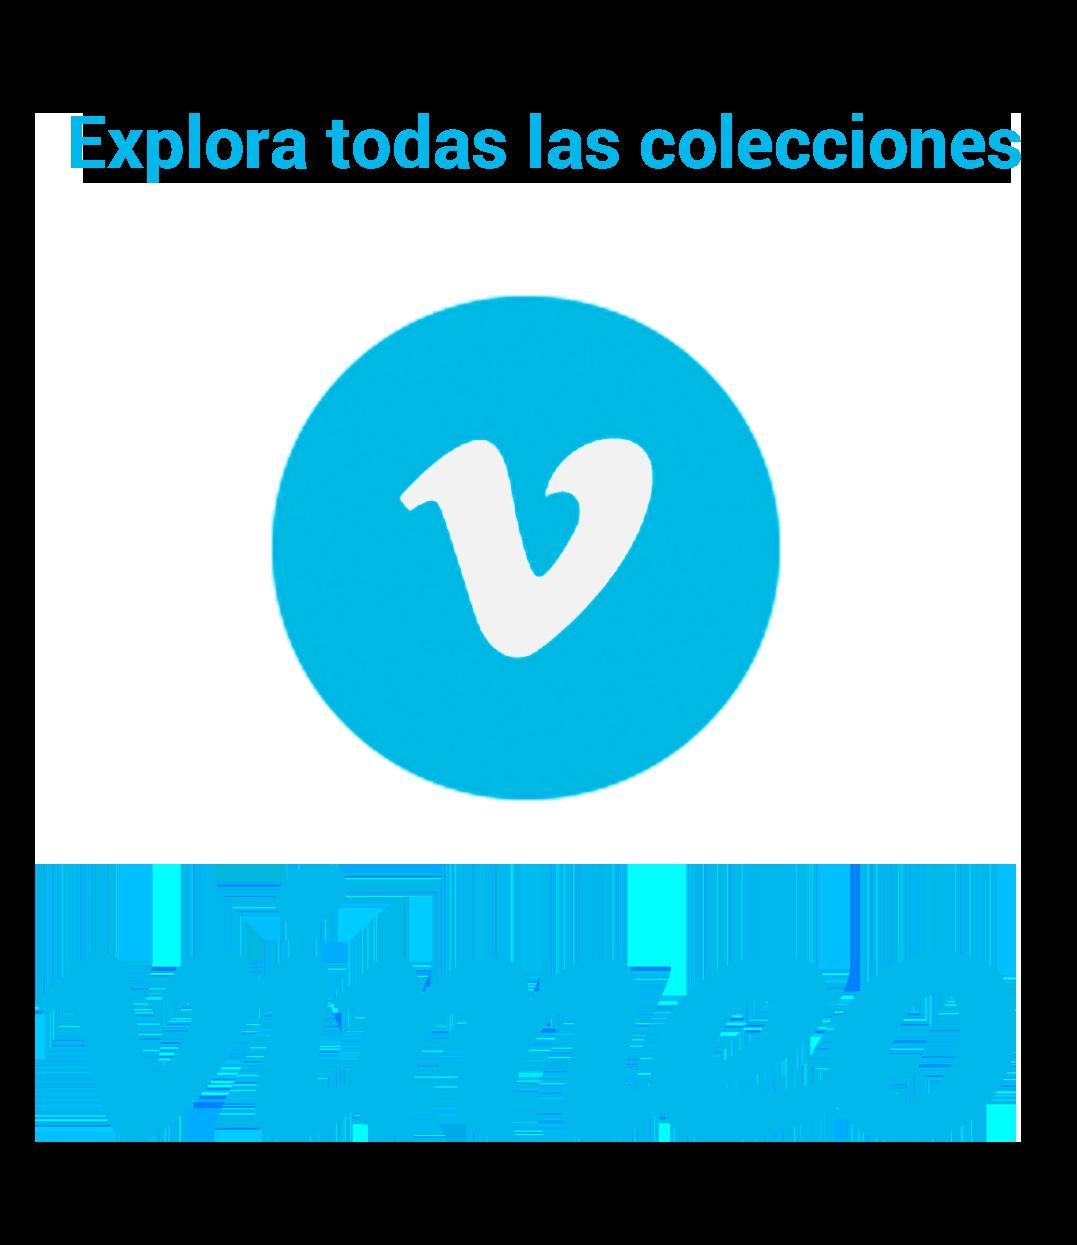 vimeo portfolio de videos de xeral.net